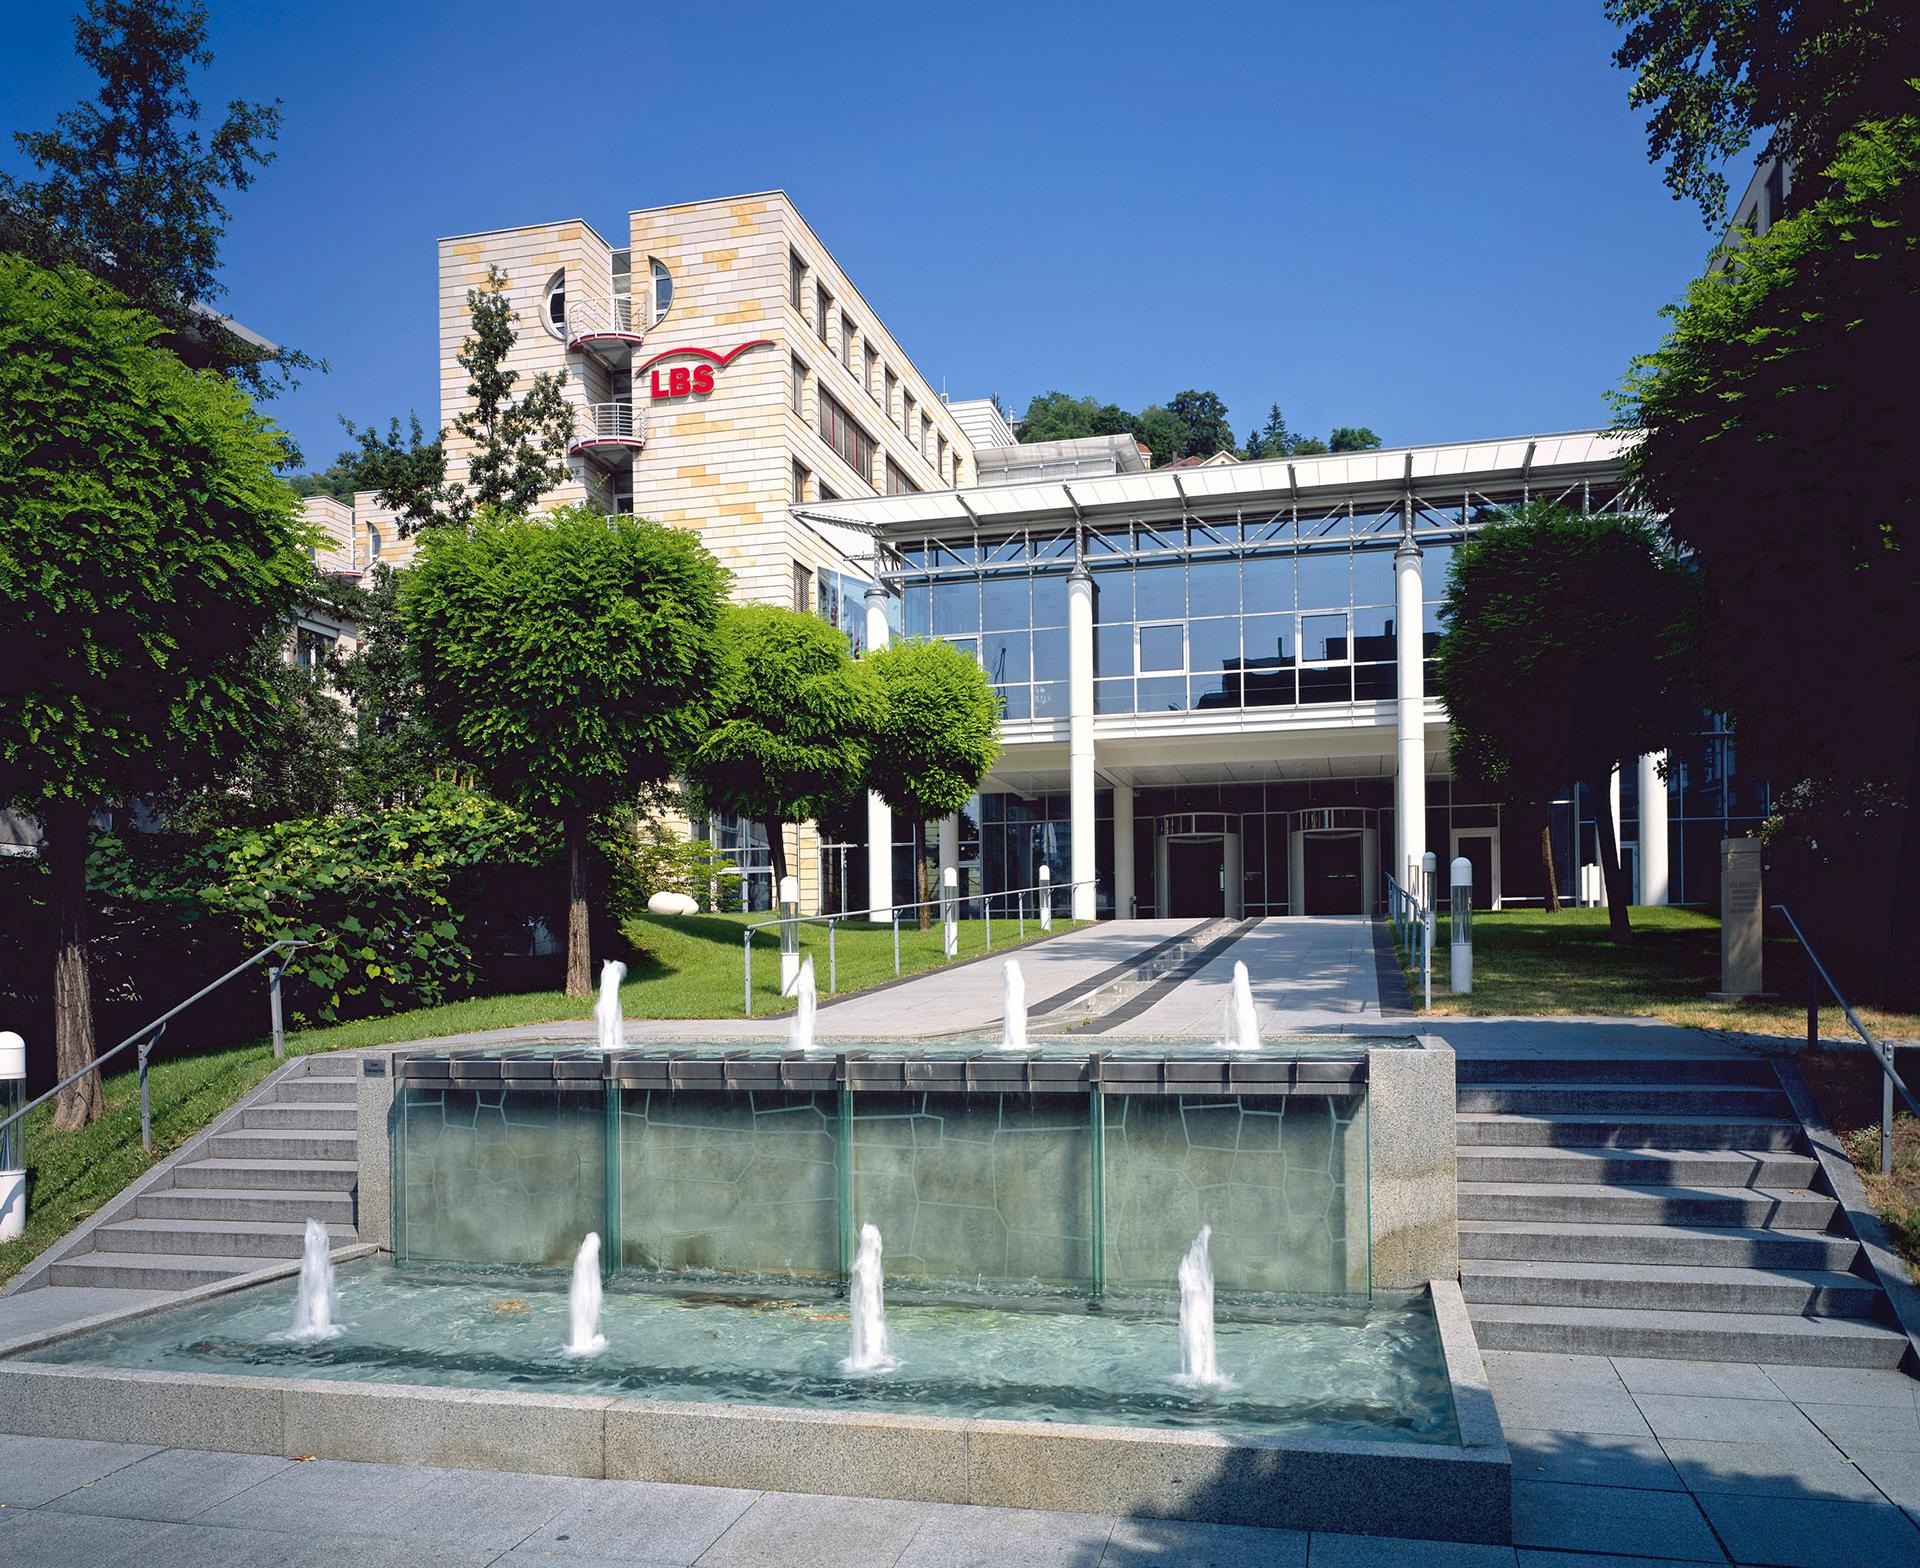 LBS Südwest Dienstleistungszentrum